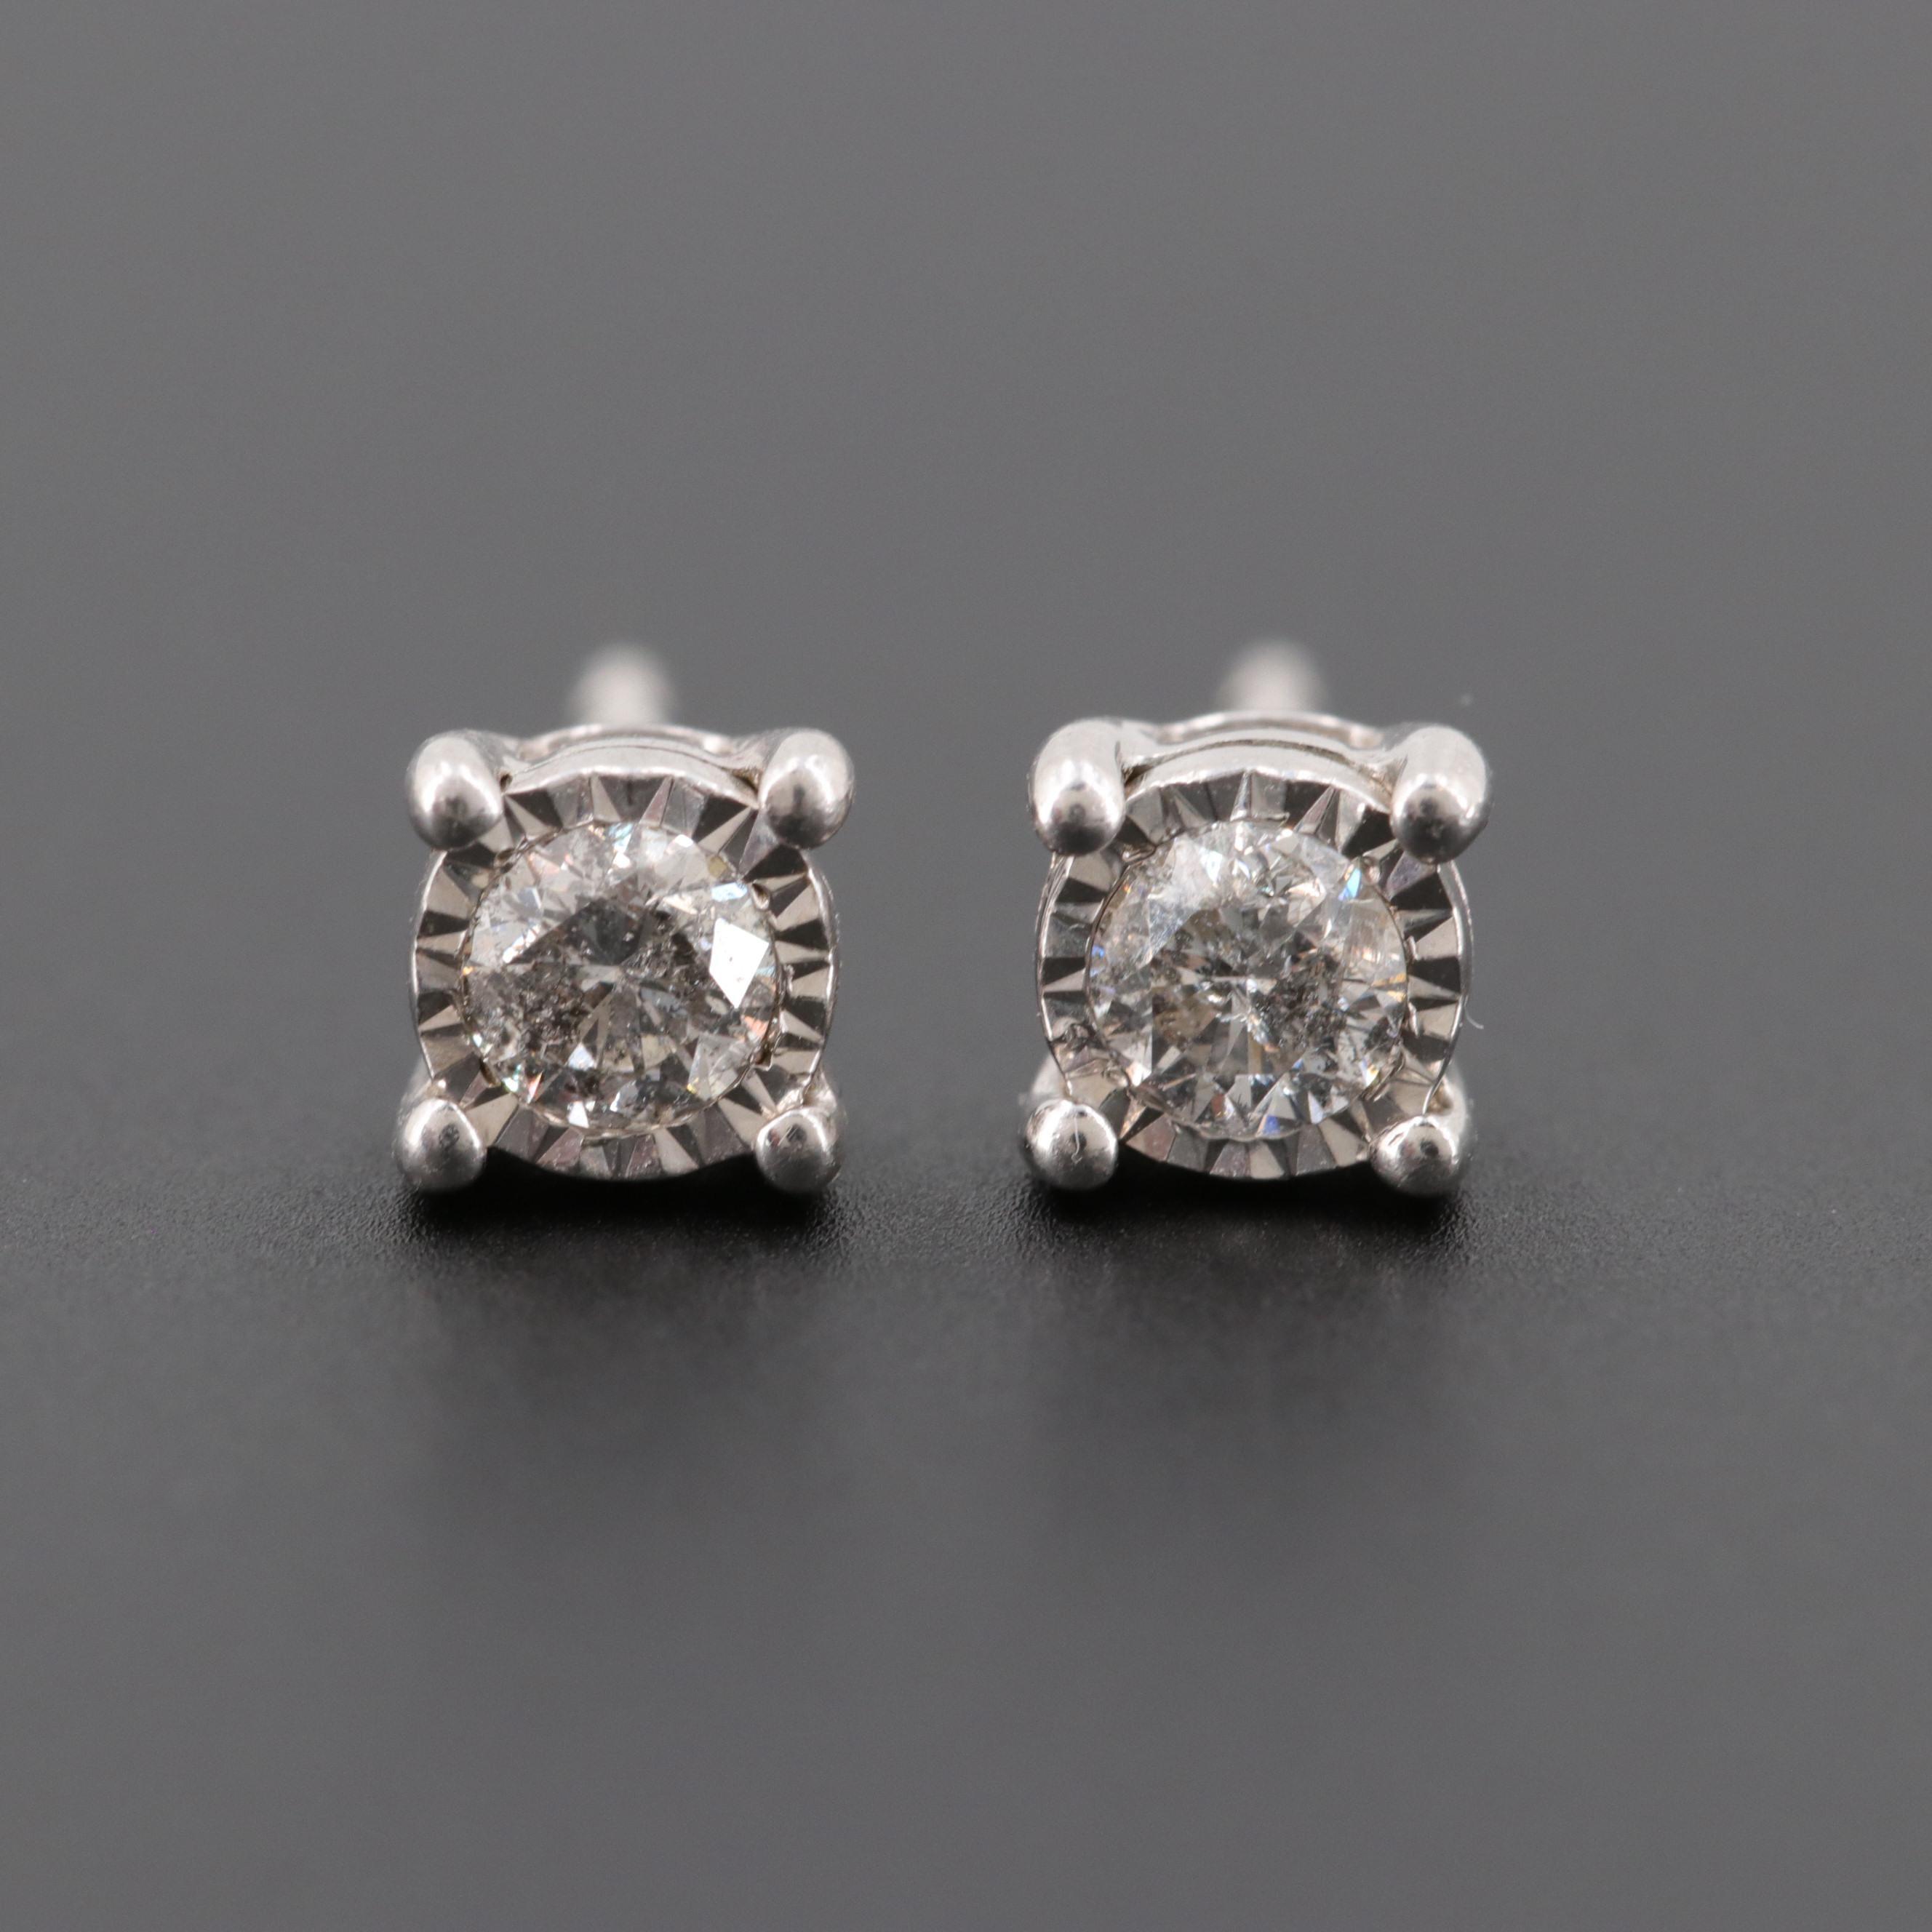 Silver Sterling Diamond Stud Earrings